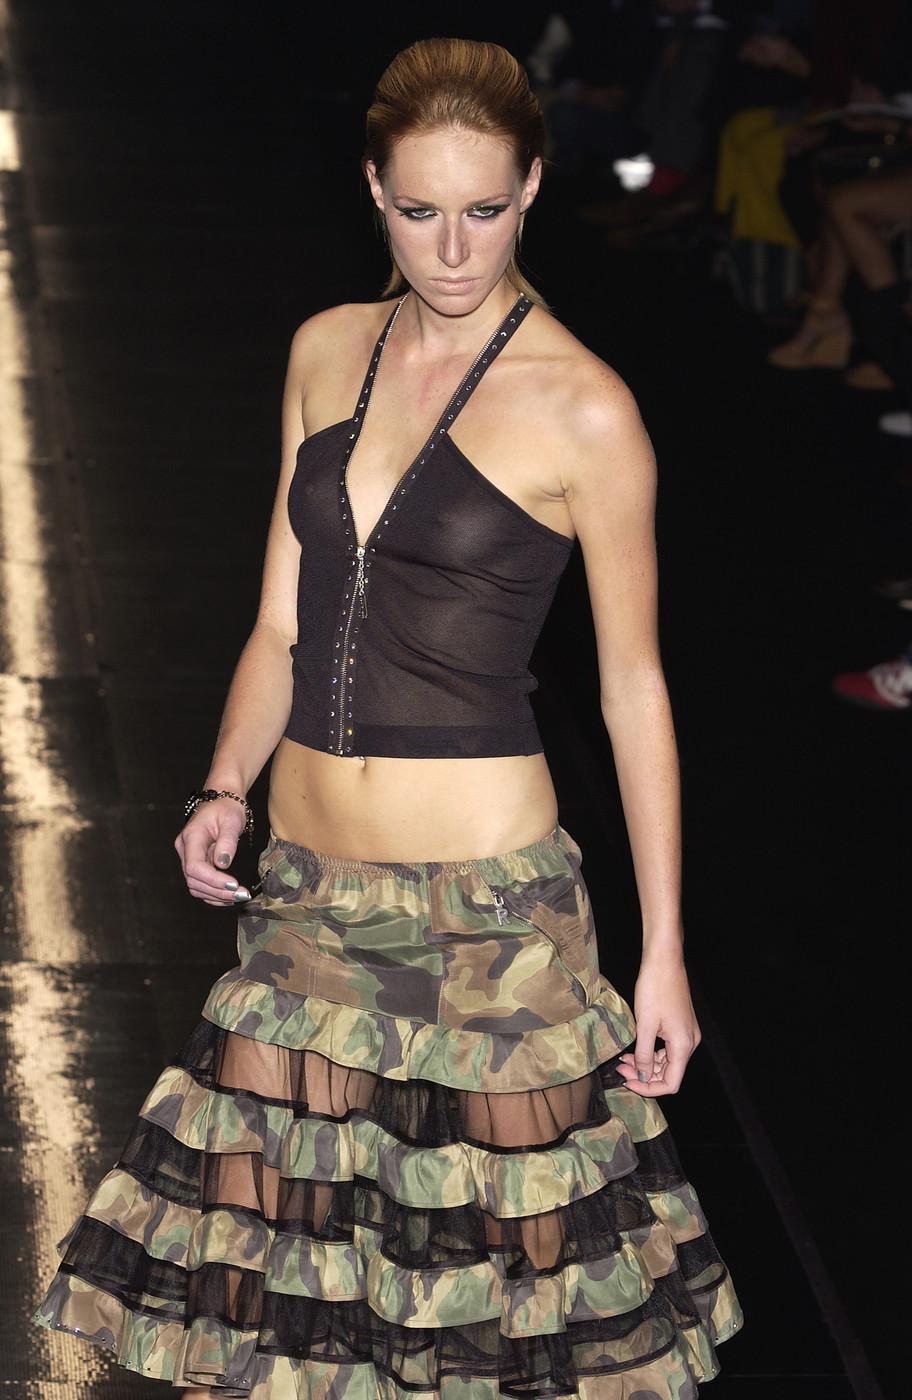 Сиськи моделей на показах, видео девушка грудастая дрочит крупным планом